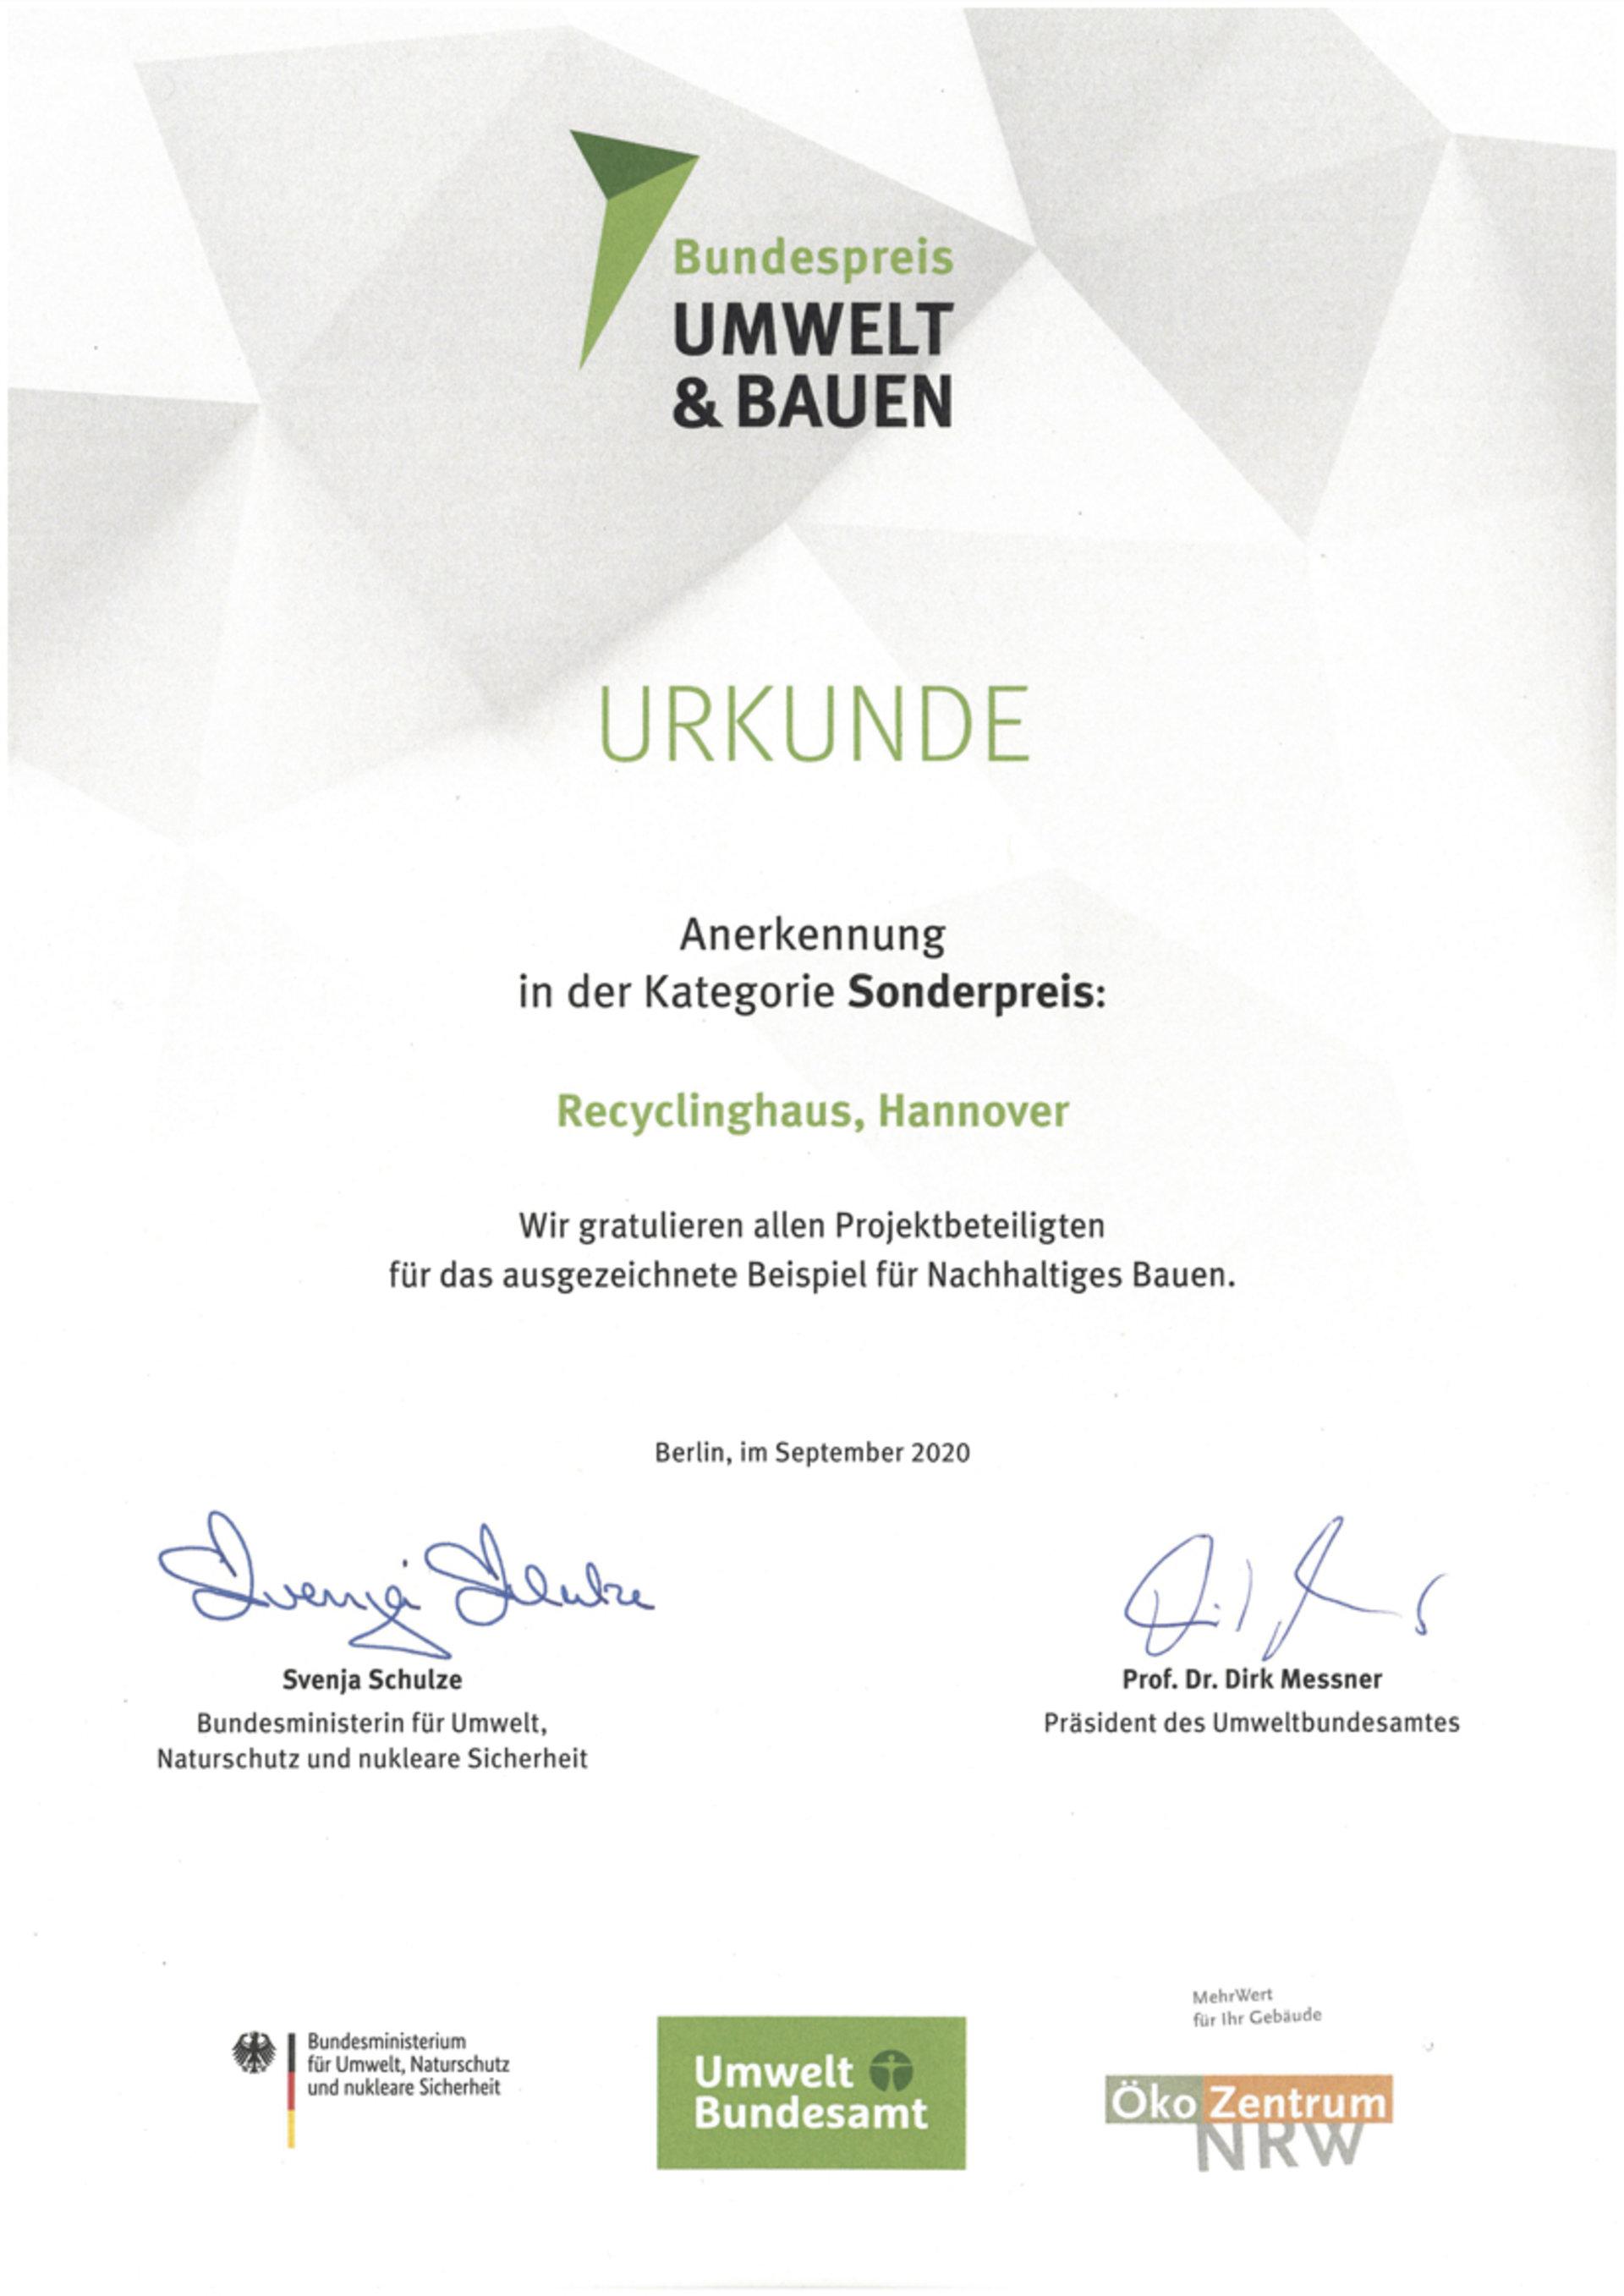 """Recyclinghaus am Kronsberg erhält Sonderpreis """"UMWELT UND BAUEN"""" vom Bundesministerium für Umwelt, Naturschutz und nukleare Sicherheit (BMU)"""